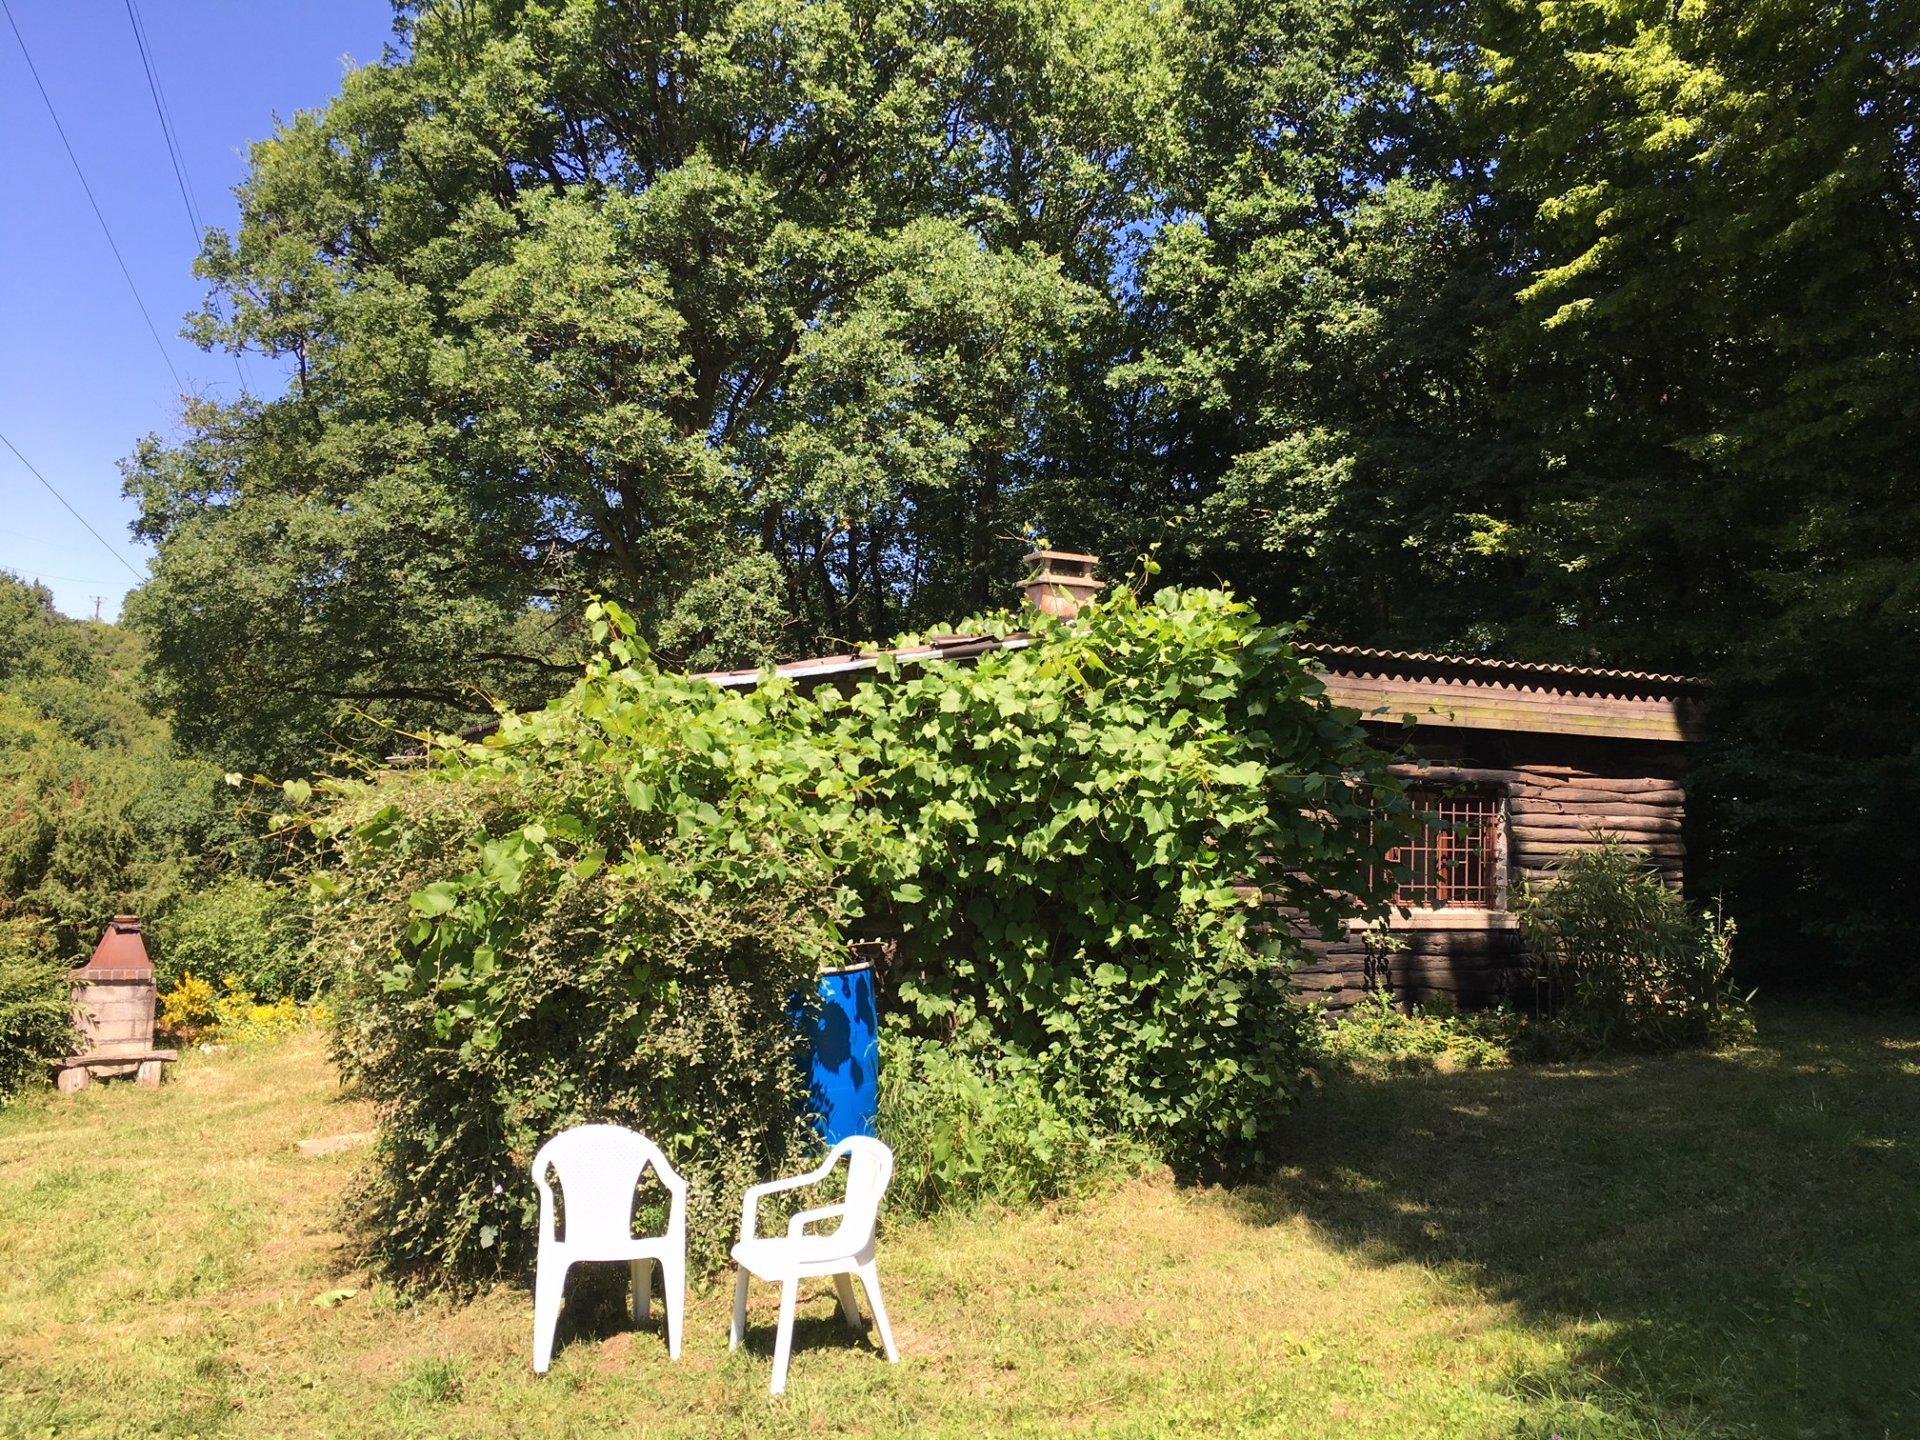 maison de loisirs sur terrain boise